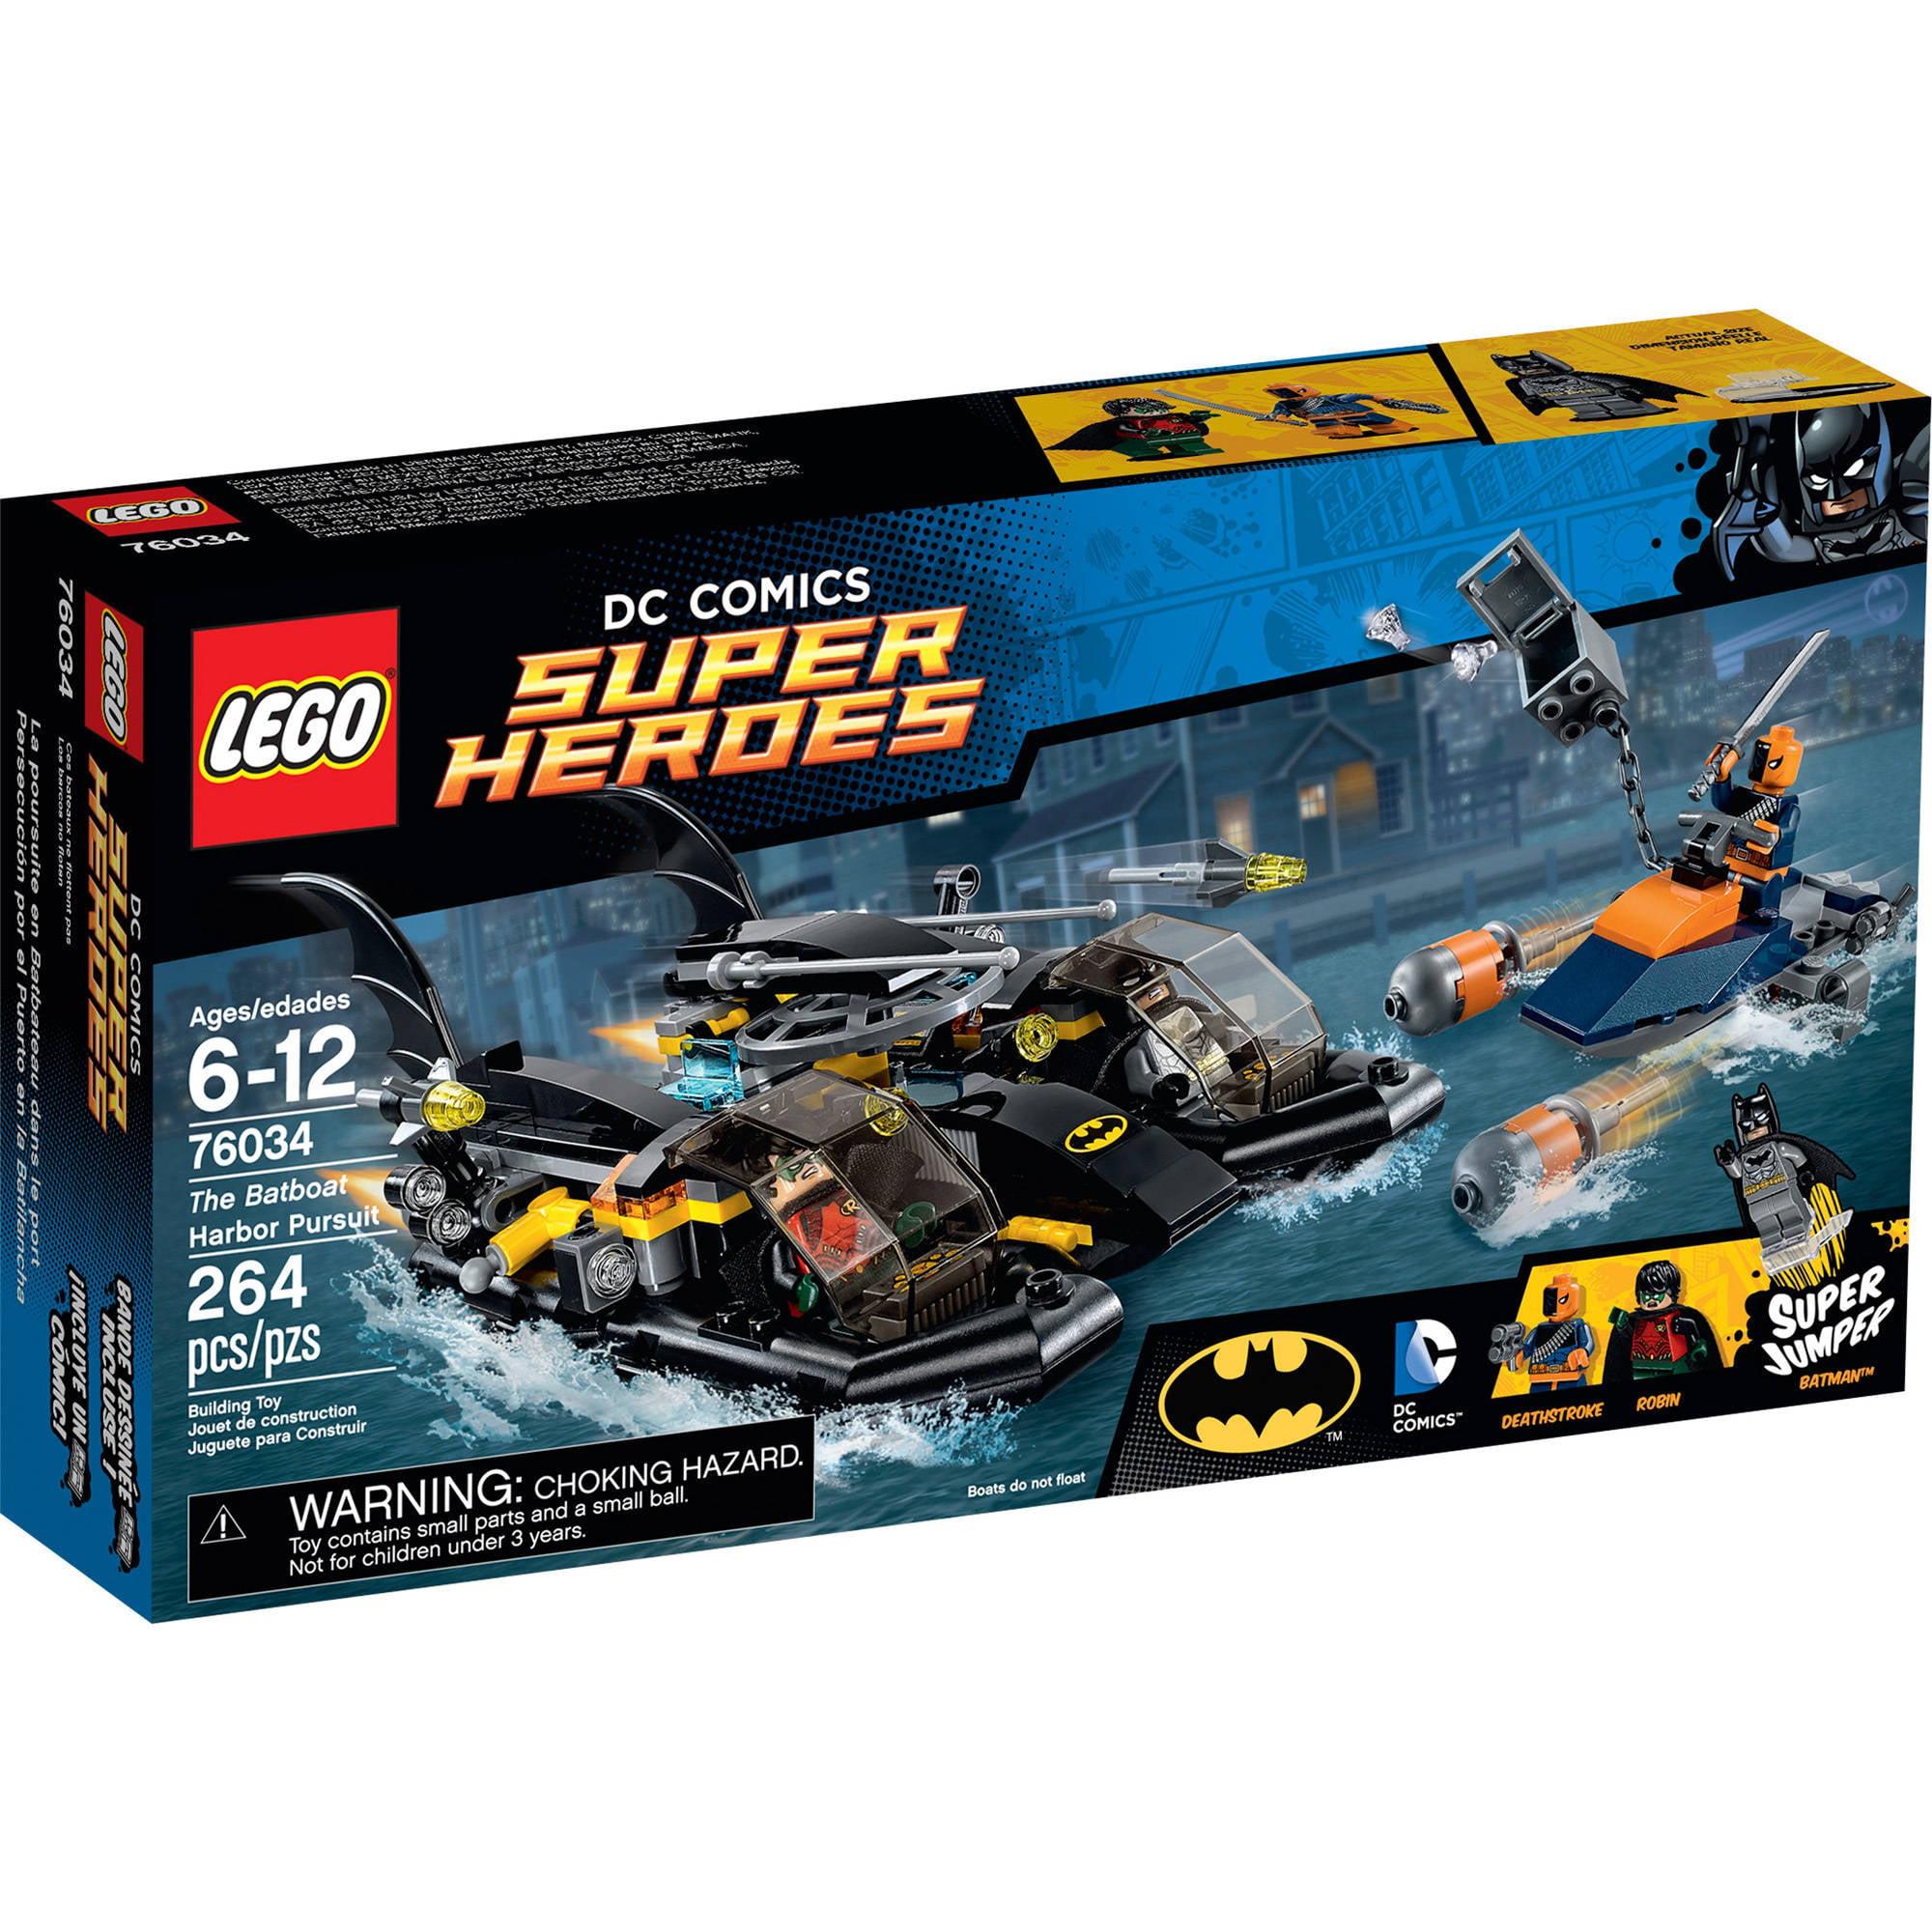 LEGO Super Heroes The Batboat Harbor Pursuit, 76034